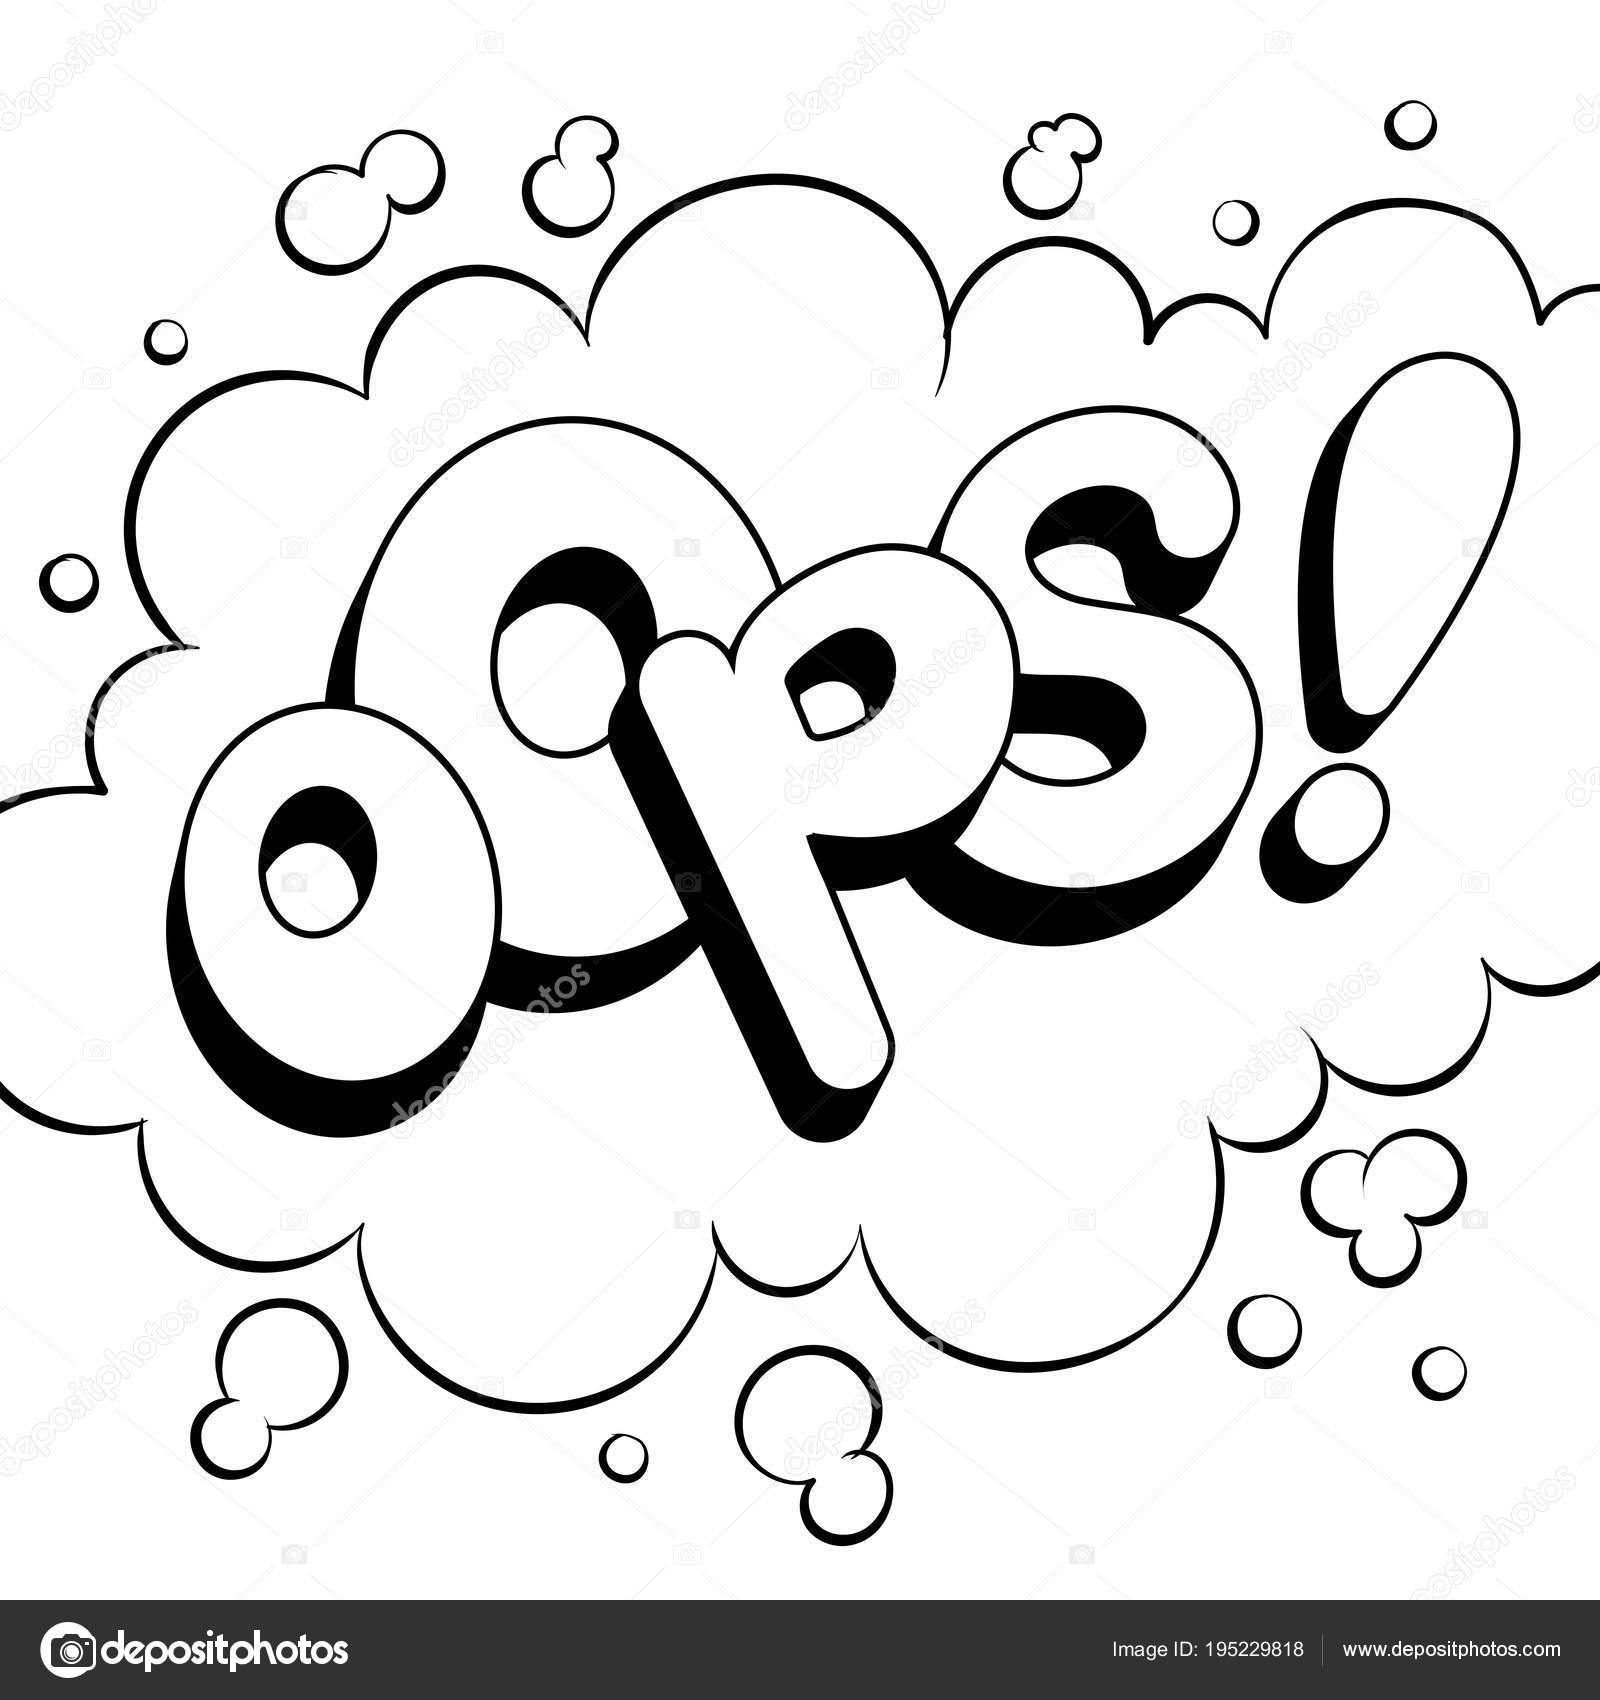 Uy la palabra cómic para colorear ilustración vectorial — Archivo ...